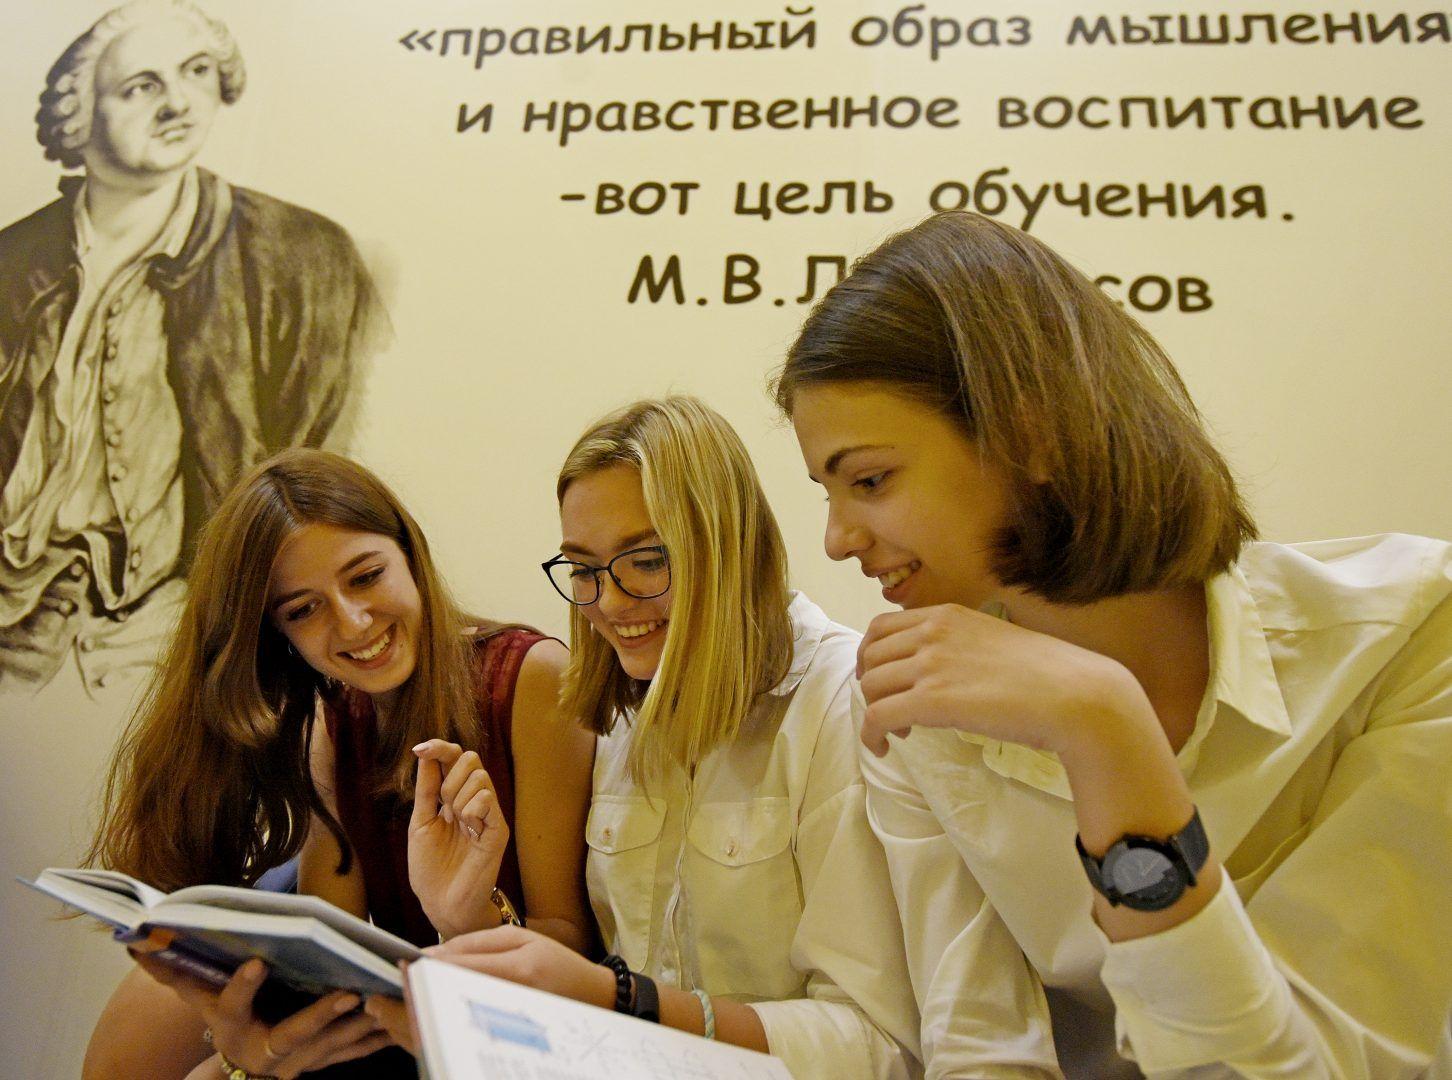 Московское образование признали одним из мировых лидеров.Фото: архив, «Вечерняя Москва»